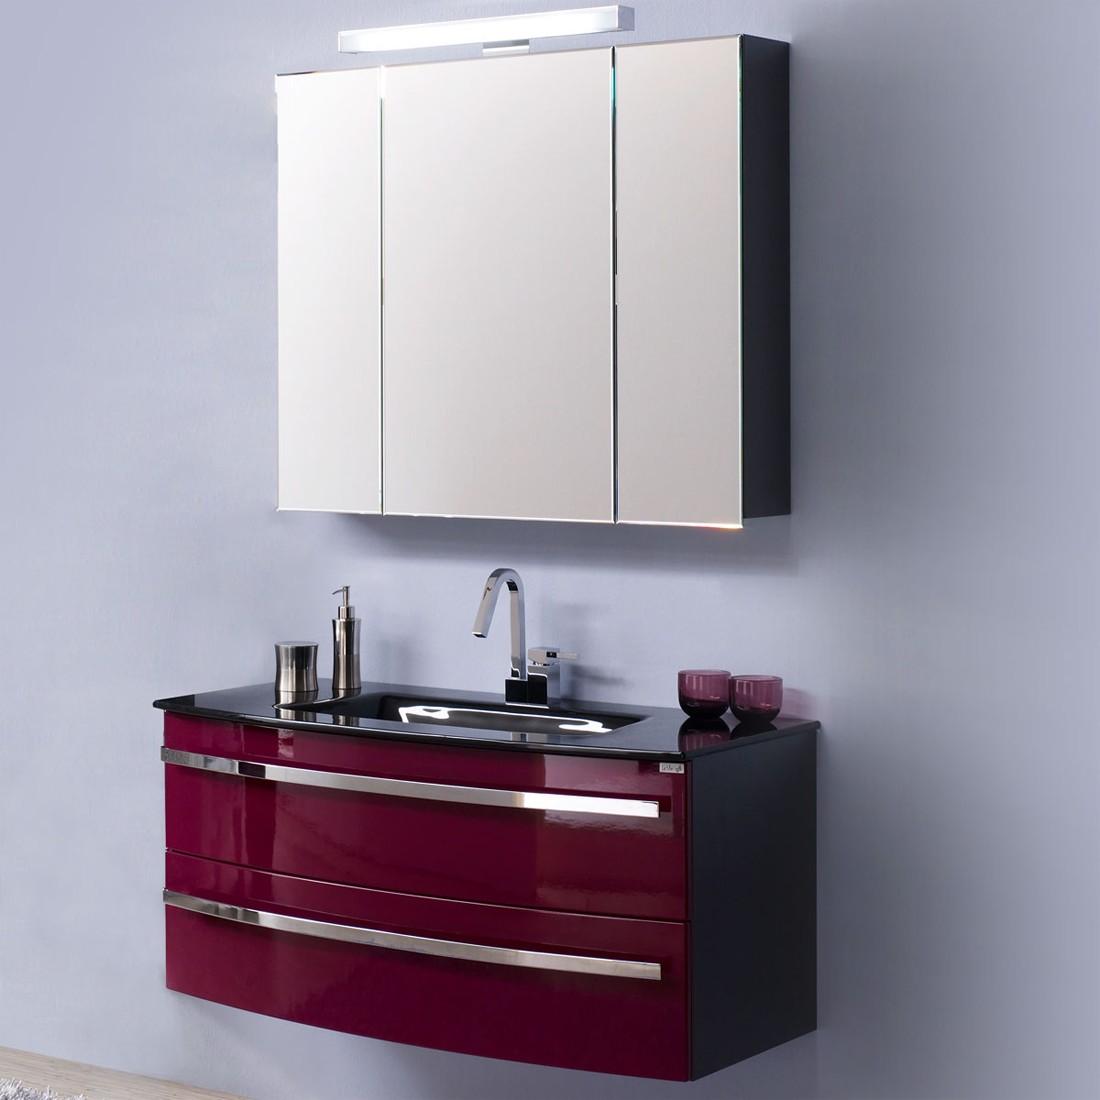 Home 24 - Eek a, meuble lavabo kingston - anthracite / mûre brillant, aqua suite